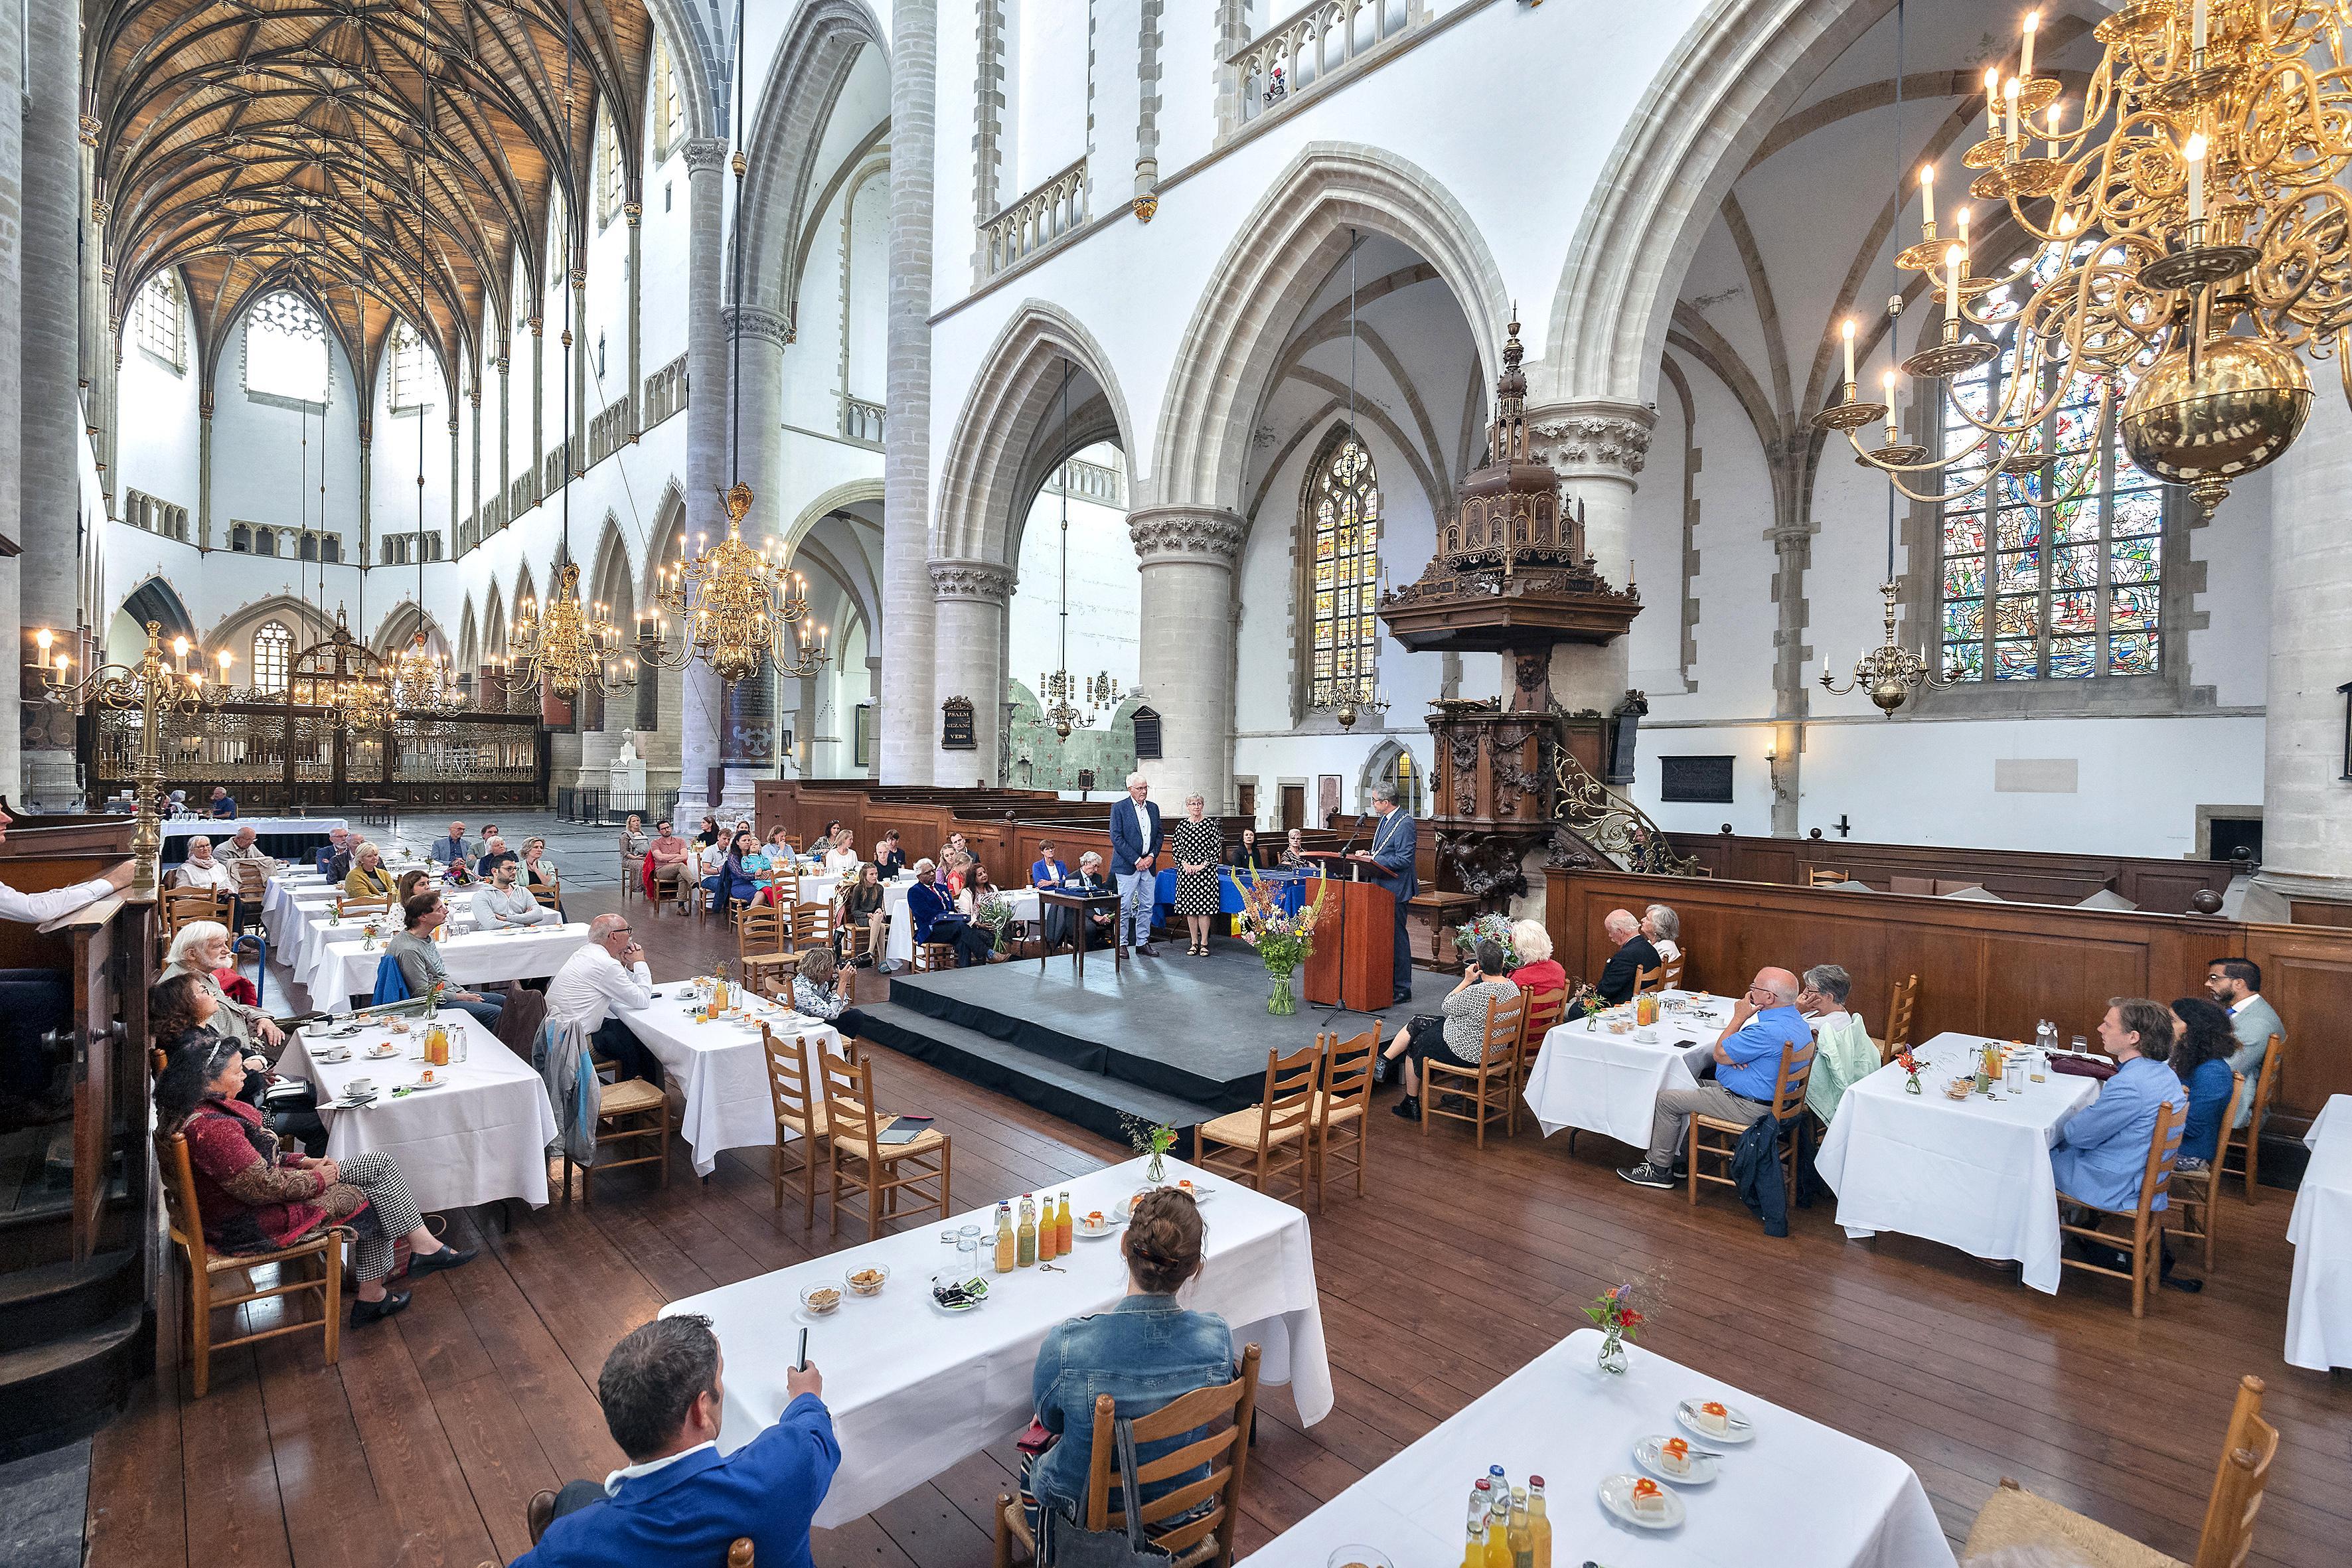 Eindelijk officiële plechtigheid bij de Haarlemse lintjes